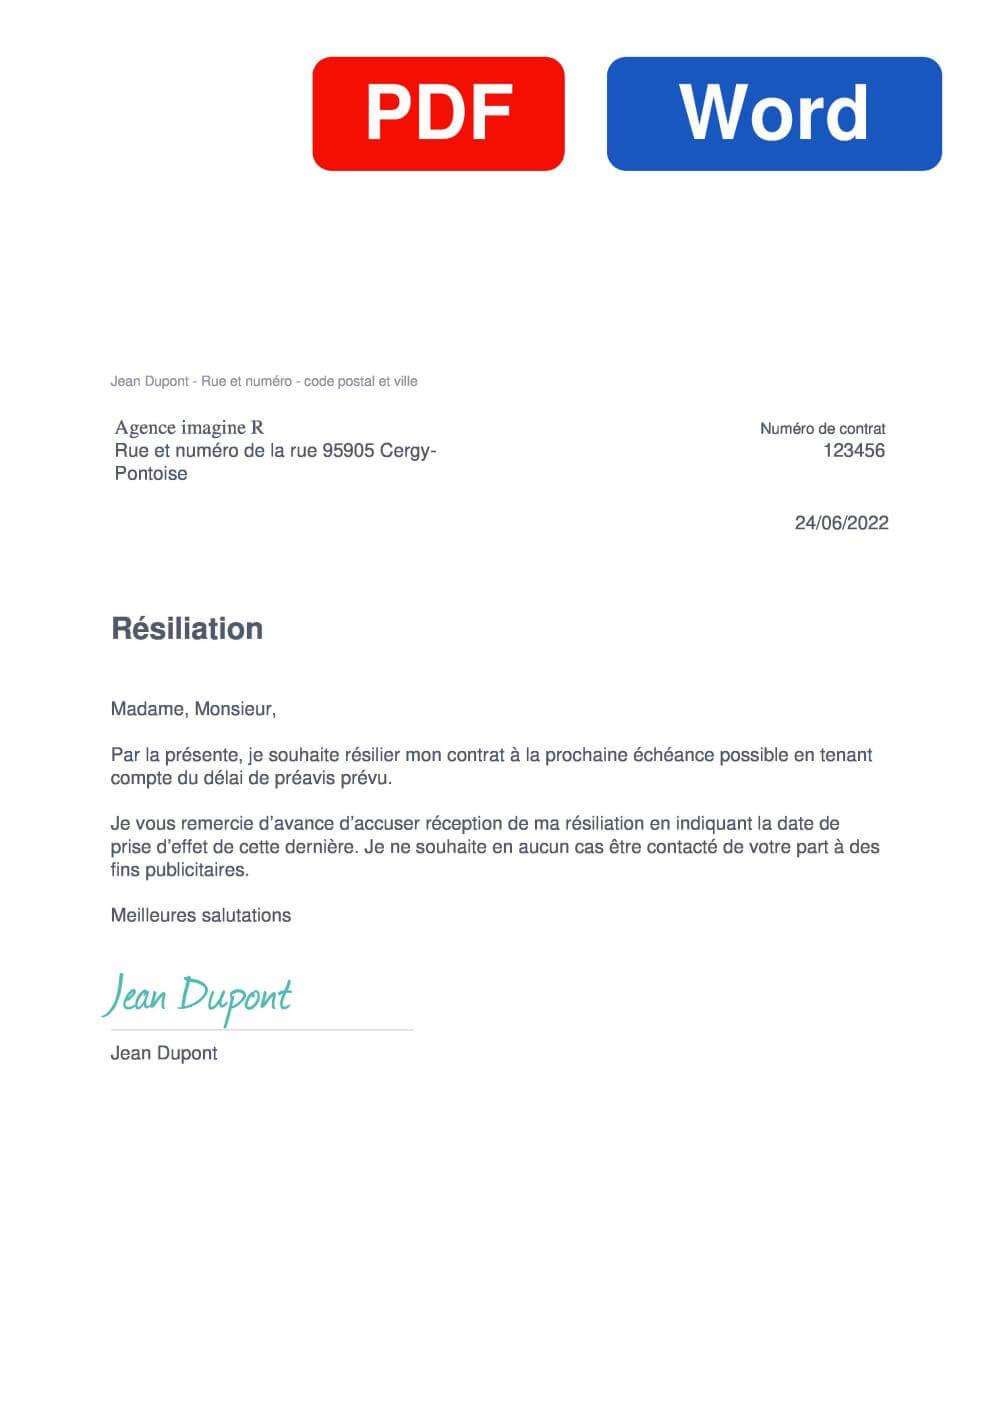 Imagine R Modèle de lettre de résiliation